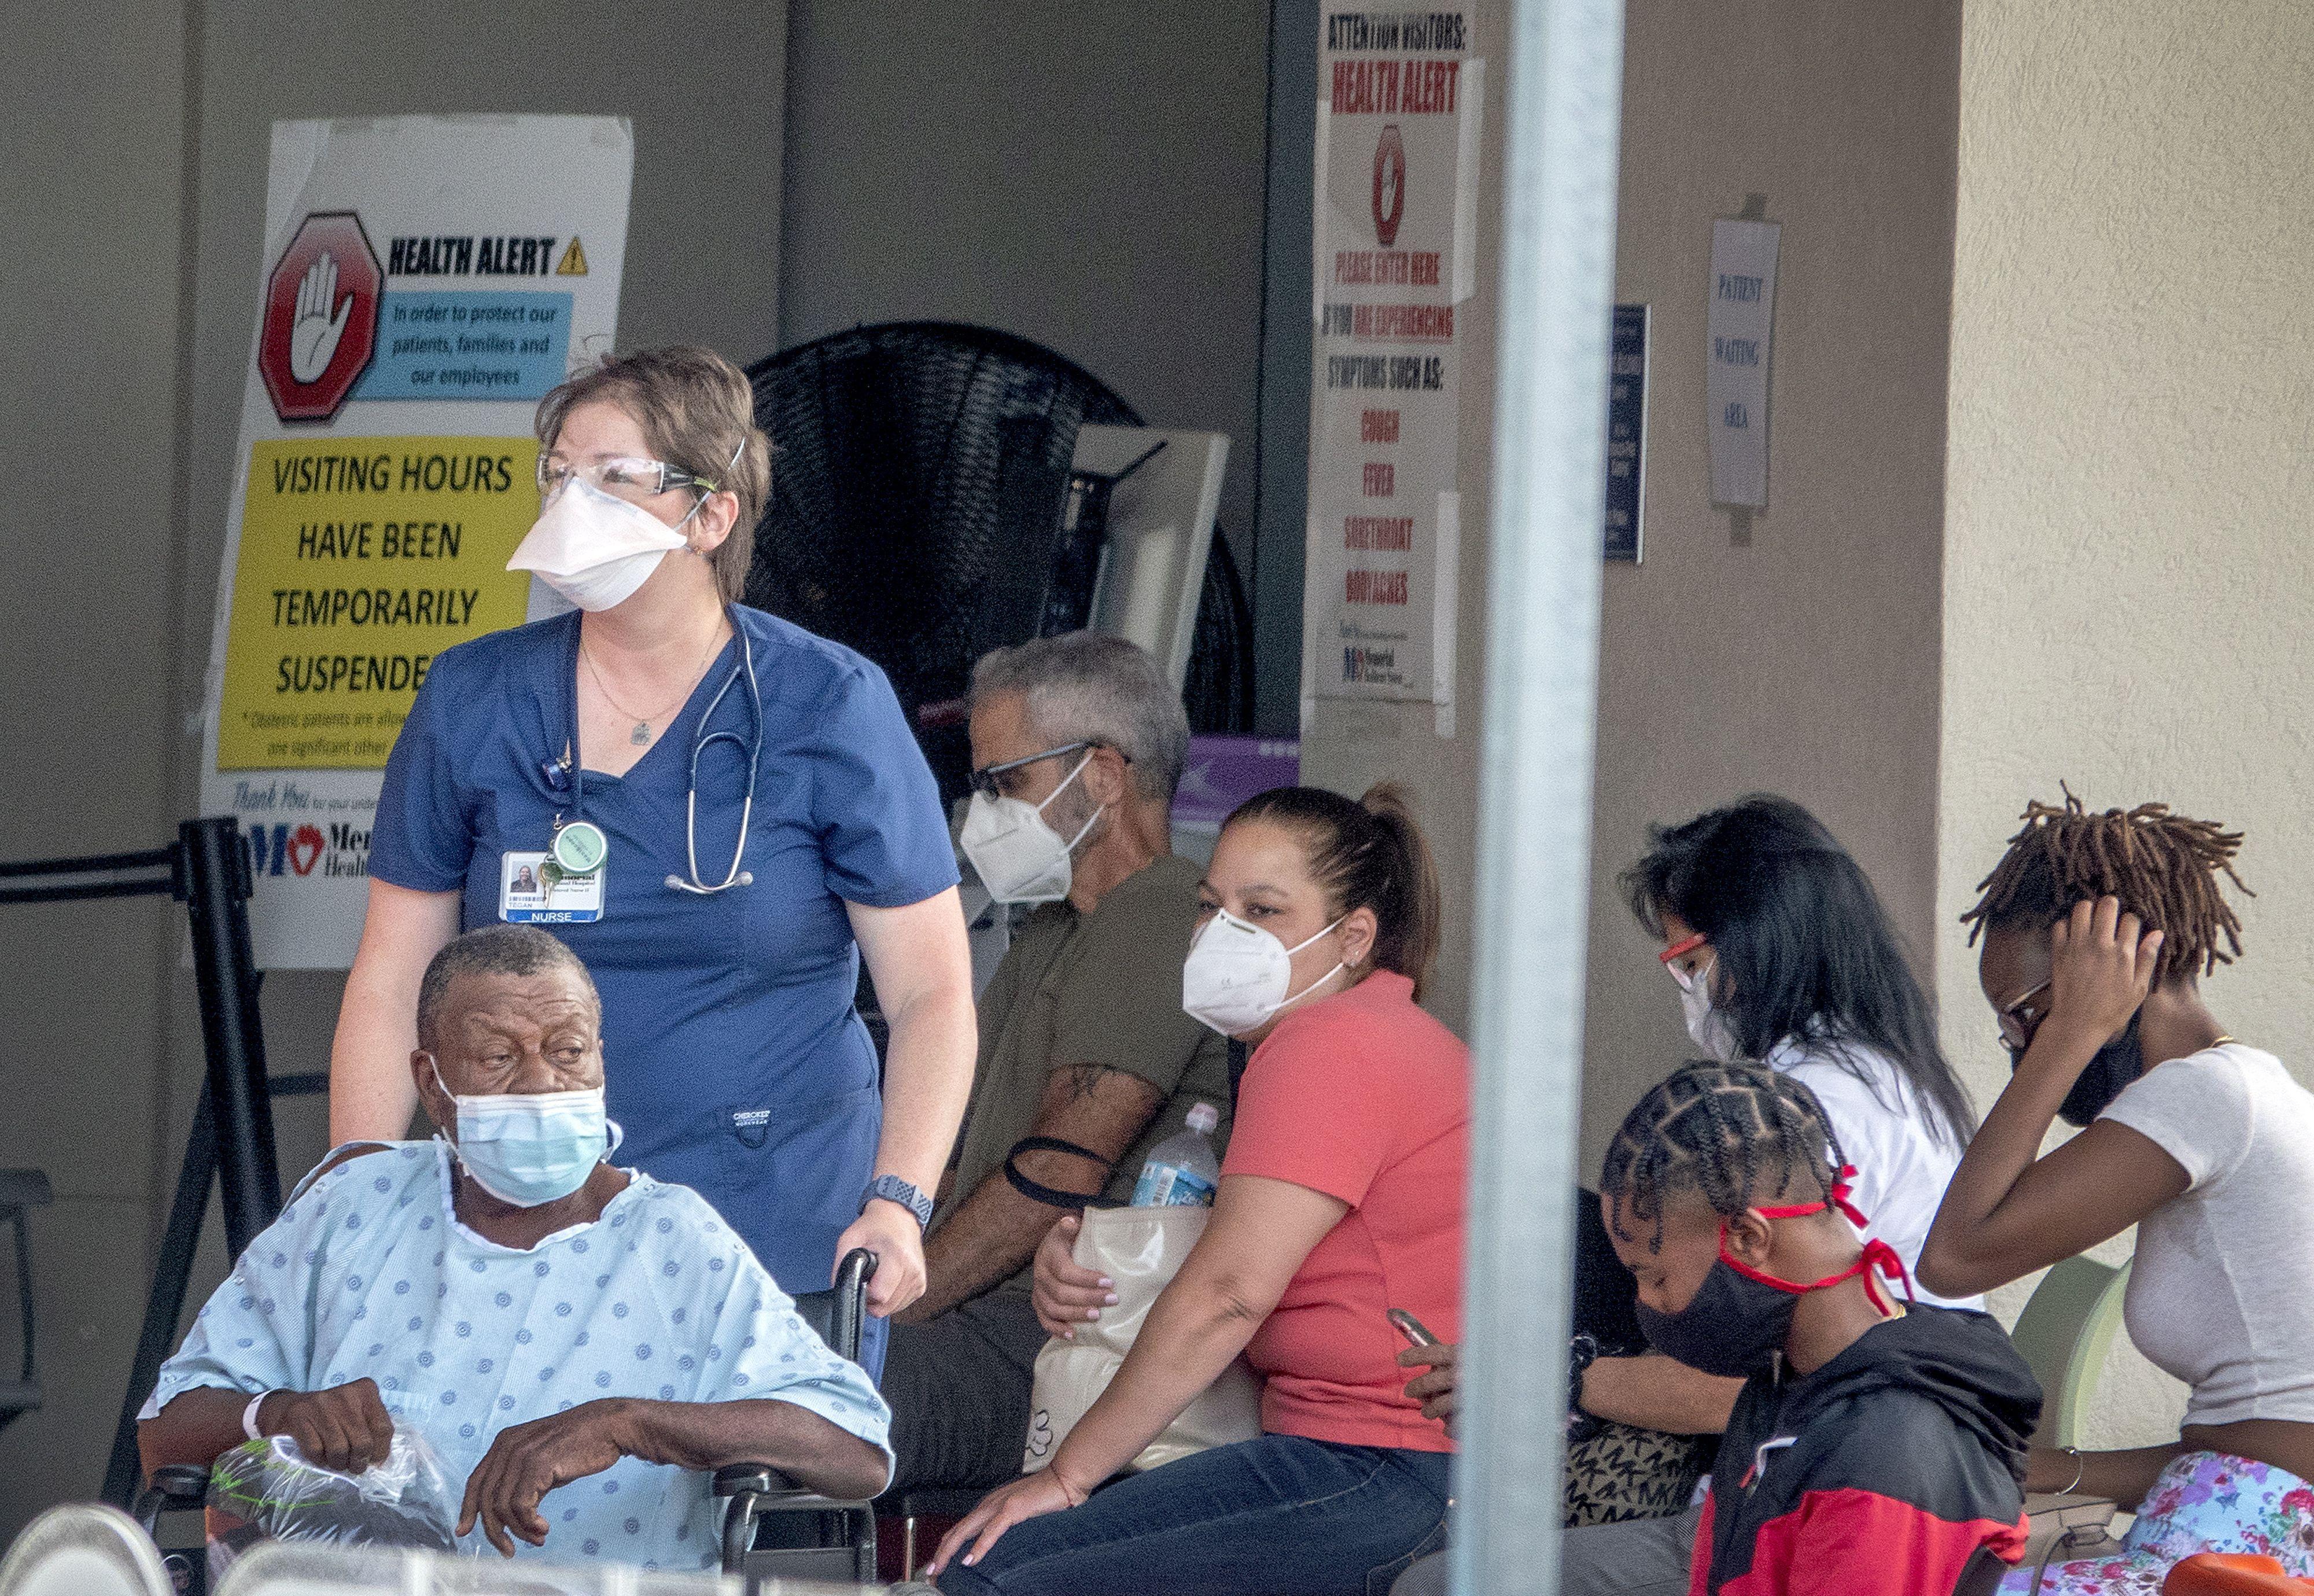 Desde el inicio de la pandemia se han registrado en el estado de Florida casi 47.000 decesos y más de 3,3 millones de casos confirmados (FOTO: EFE)